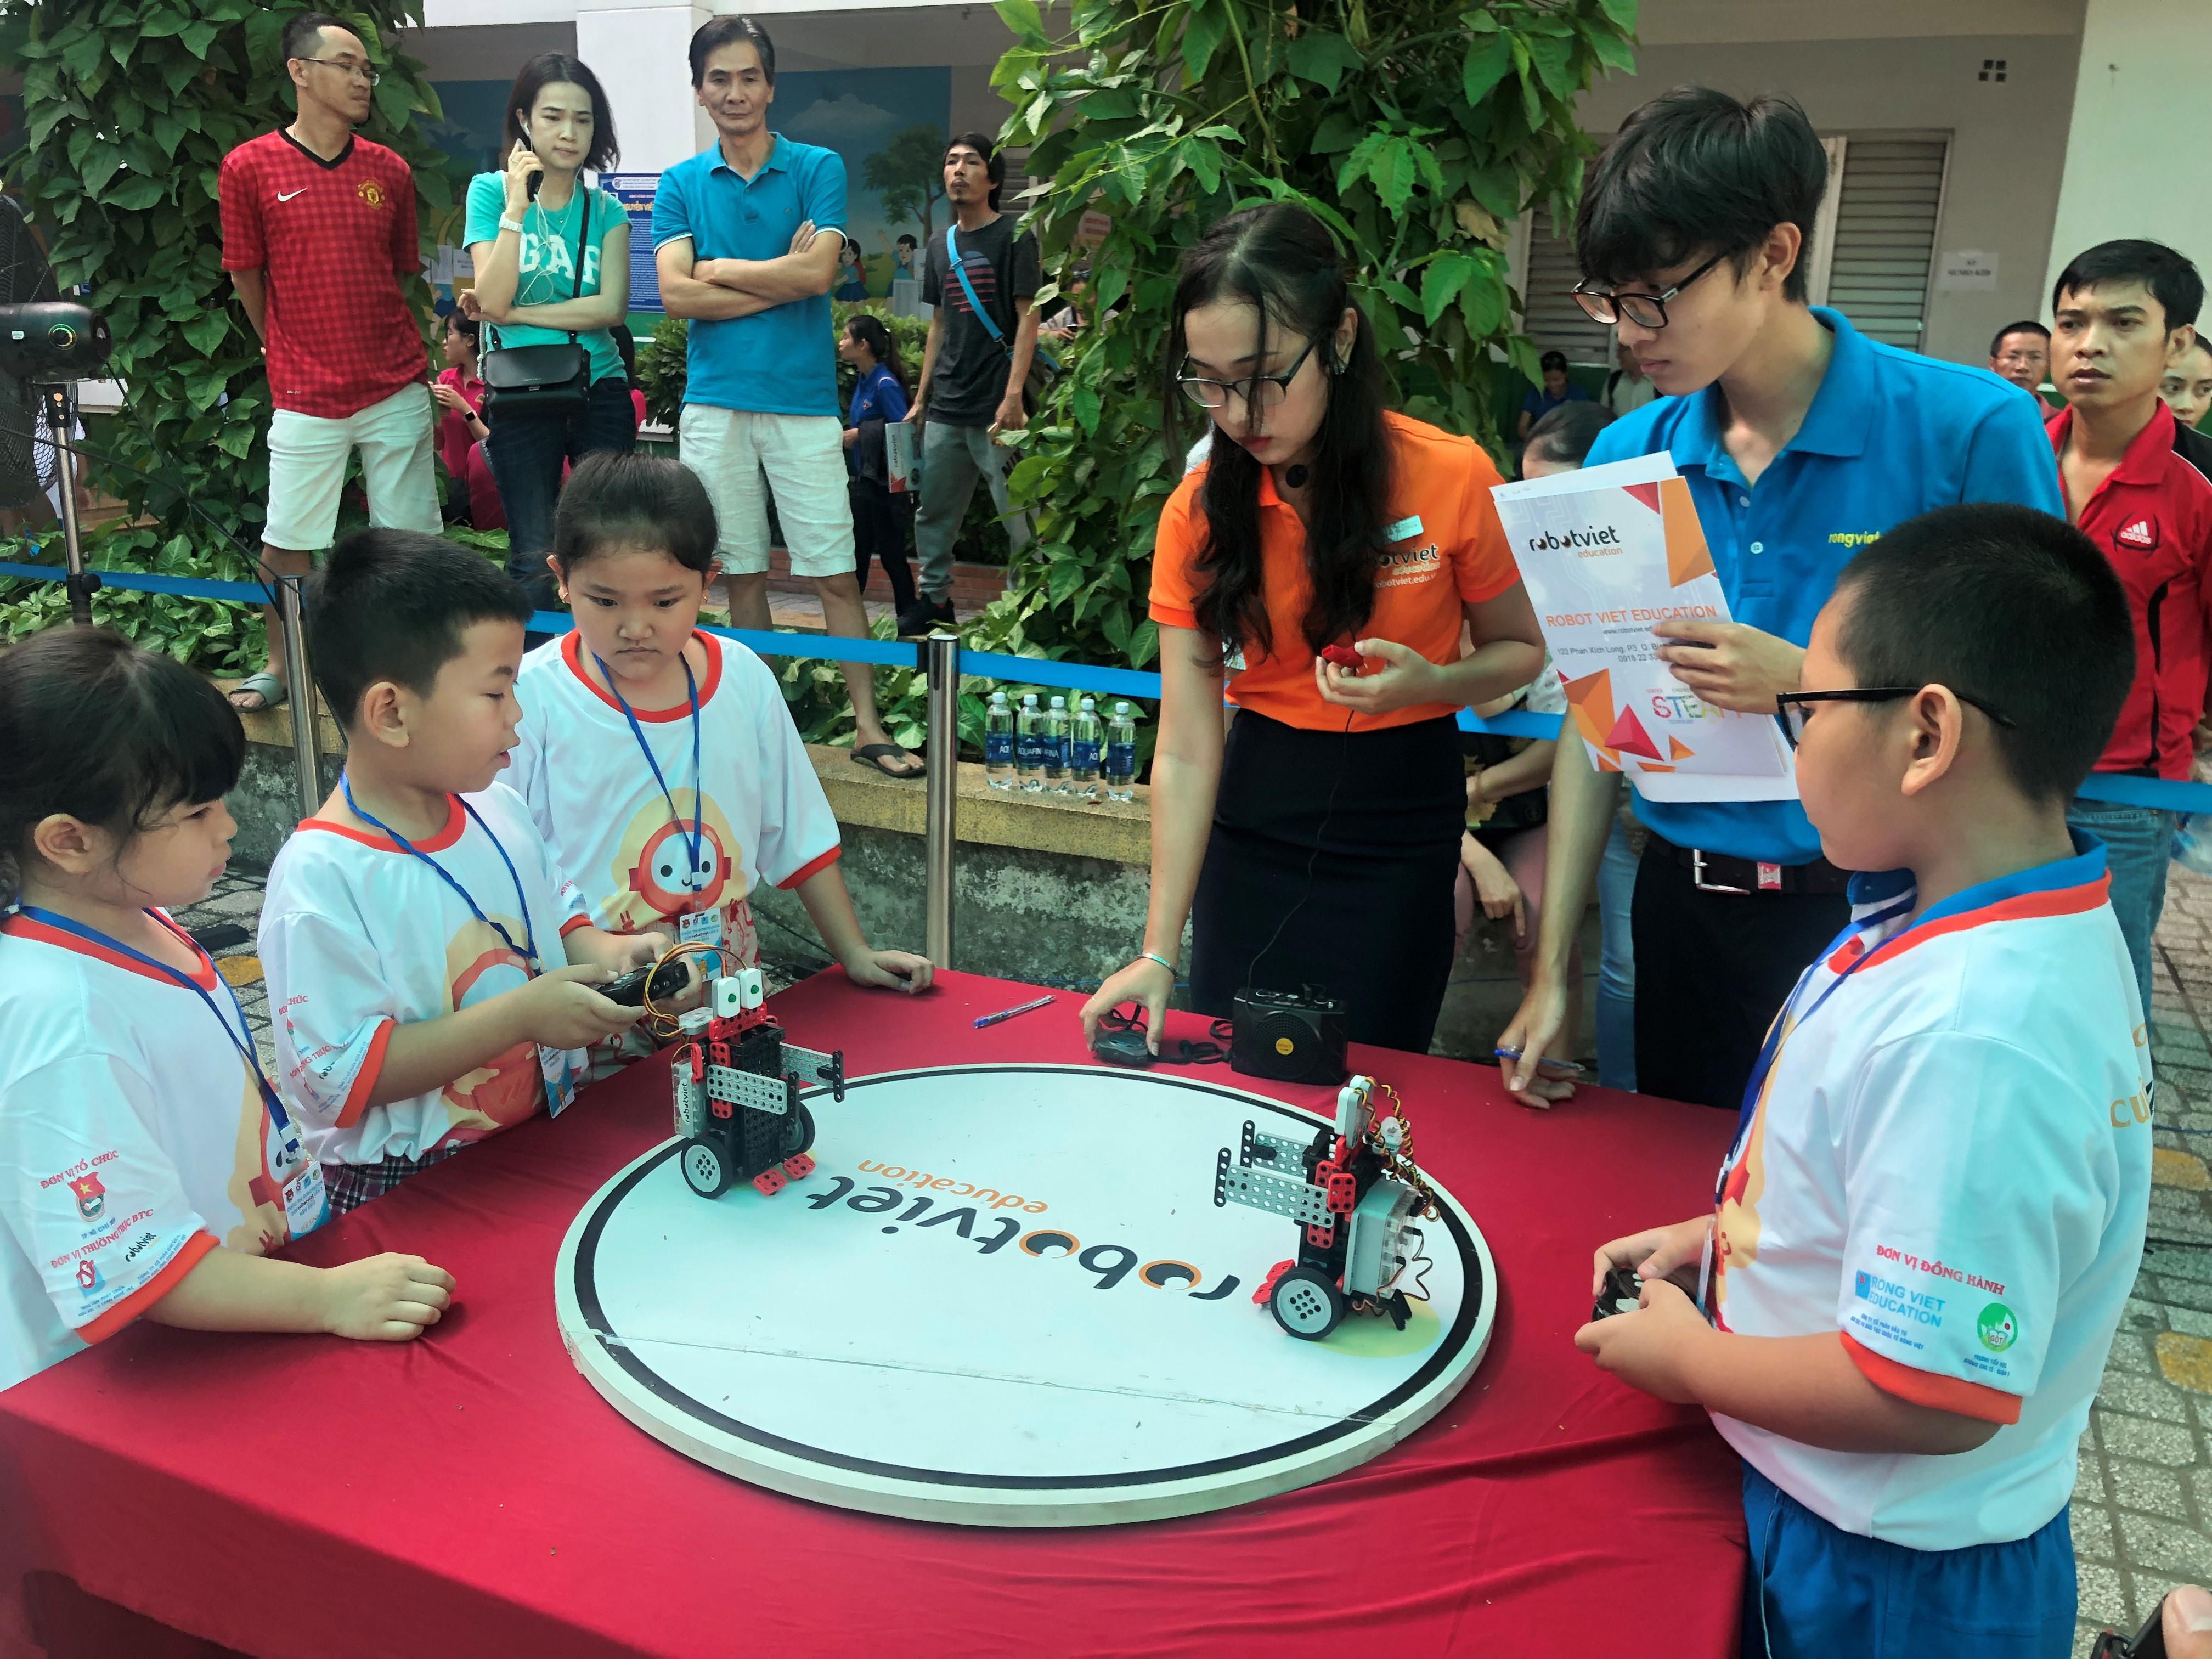 Hào hứng với thi robot bò cạp chích bong bóng Ảnh 2